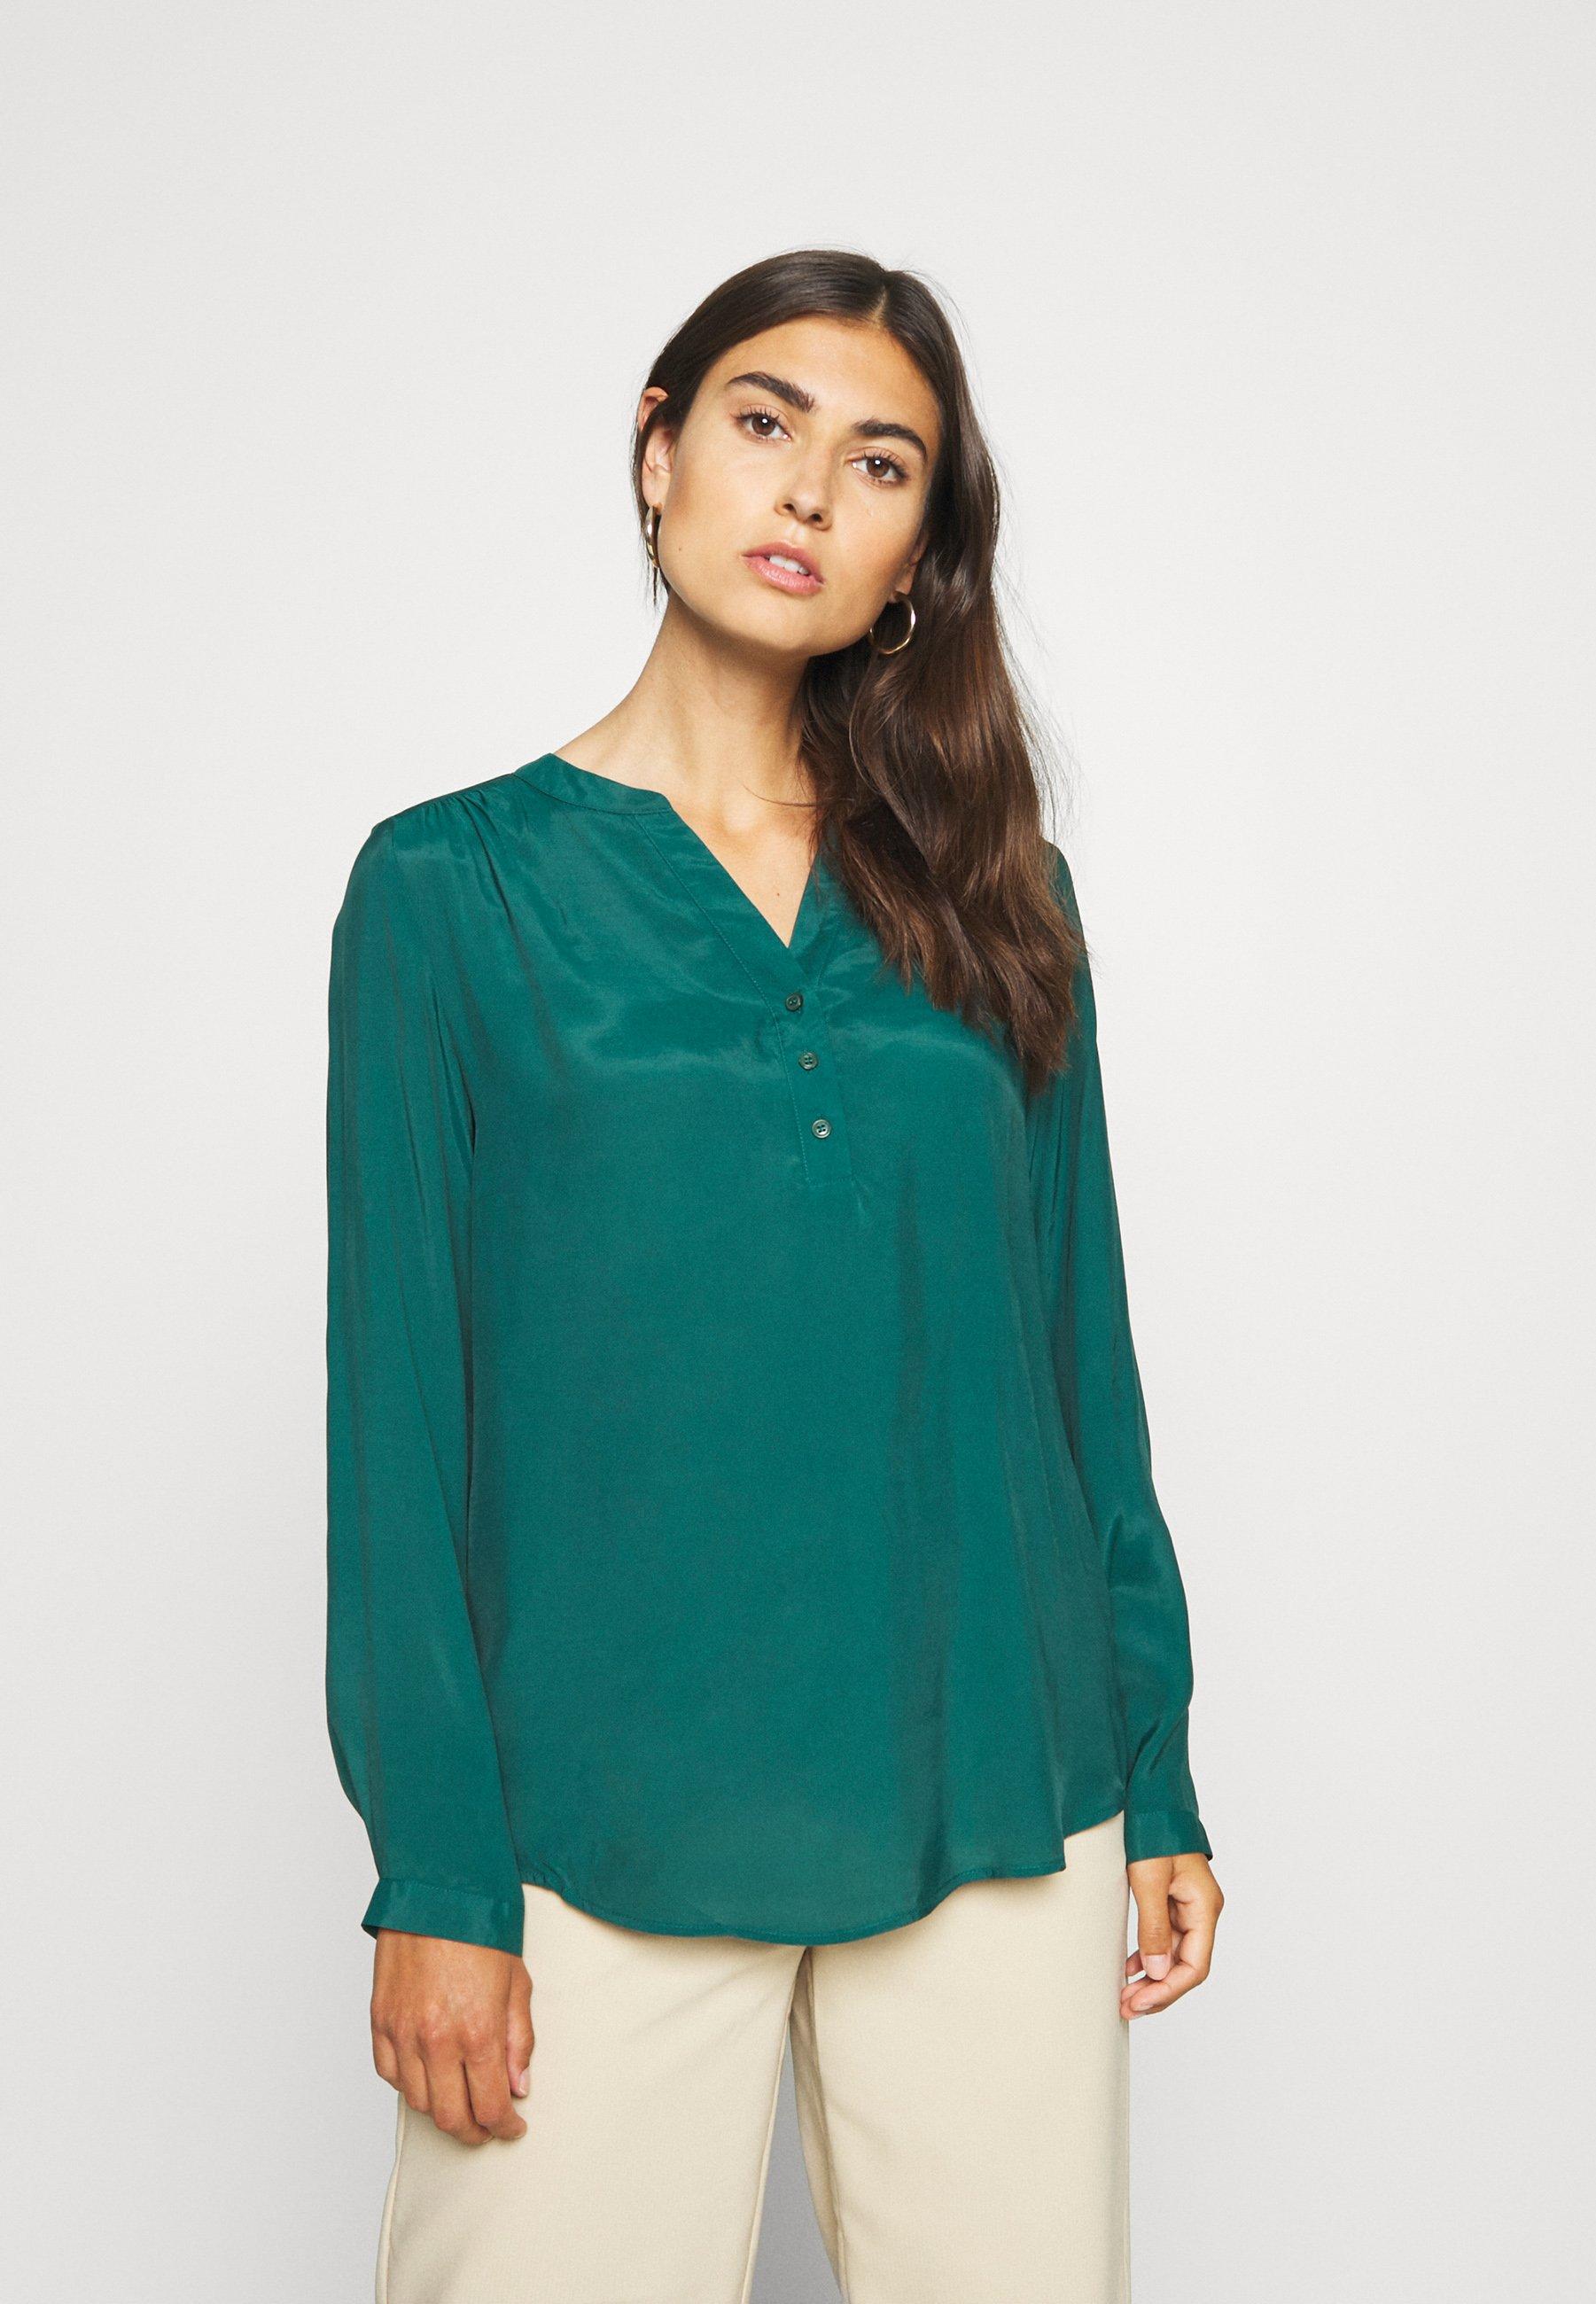 Low Cost Women's Clothing Seidensticker REGULAR FIT Blouse green zChvJhYxc